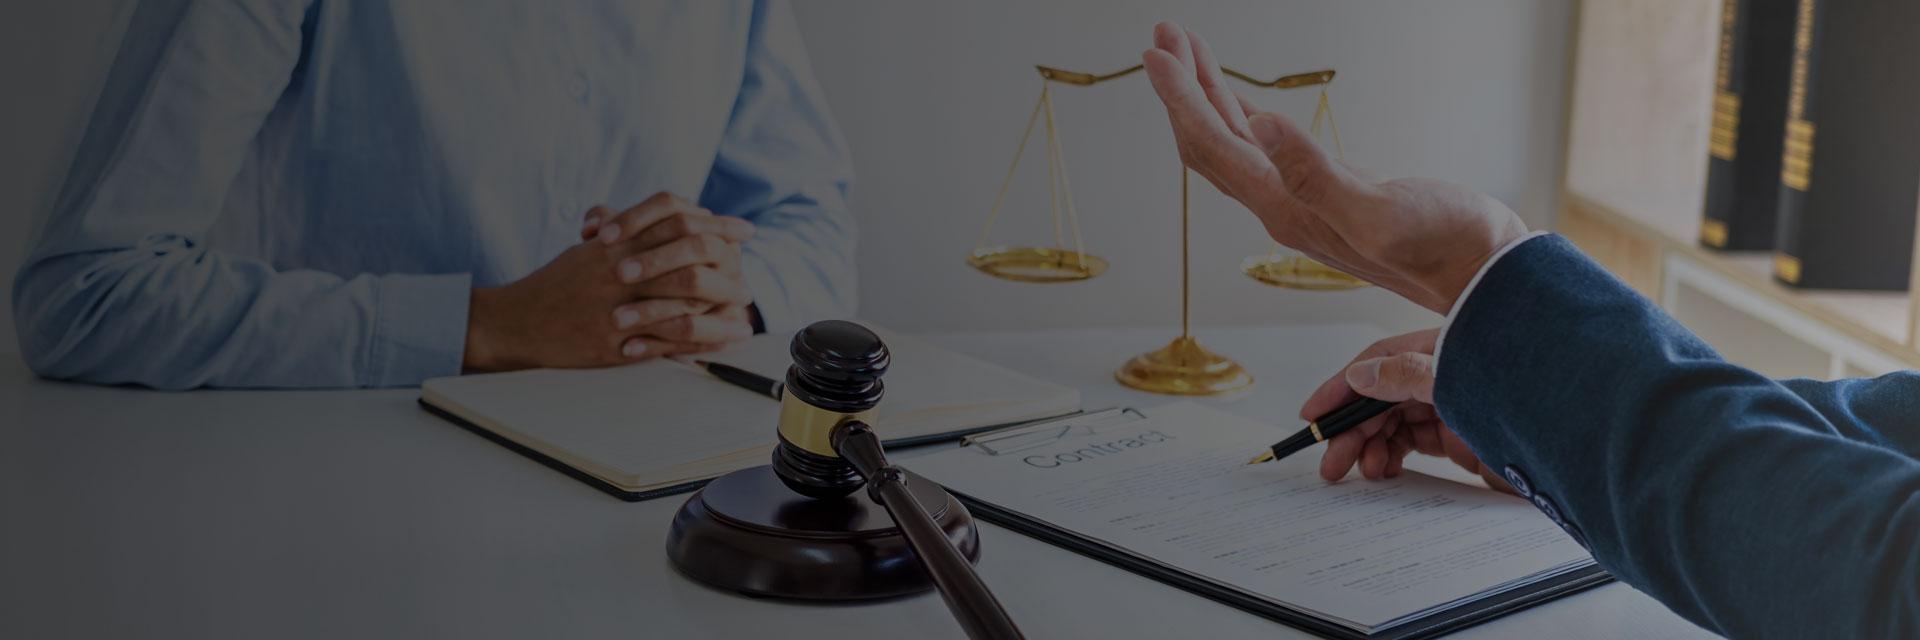 avvocato-scrivania-cliente